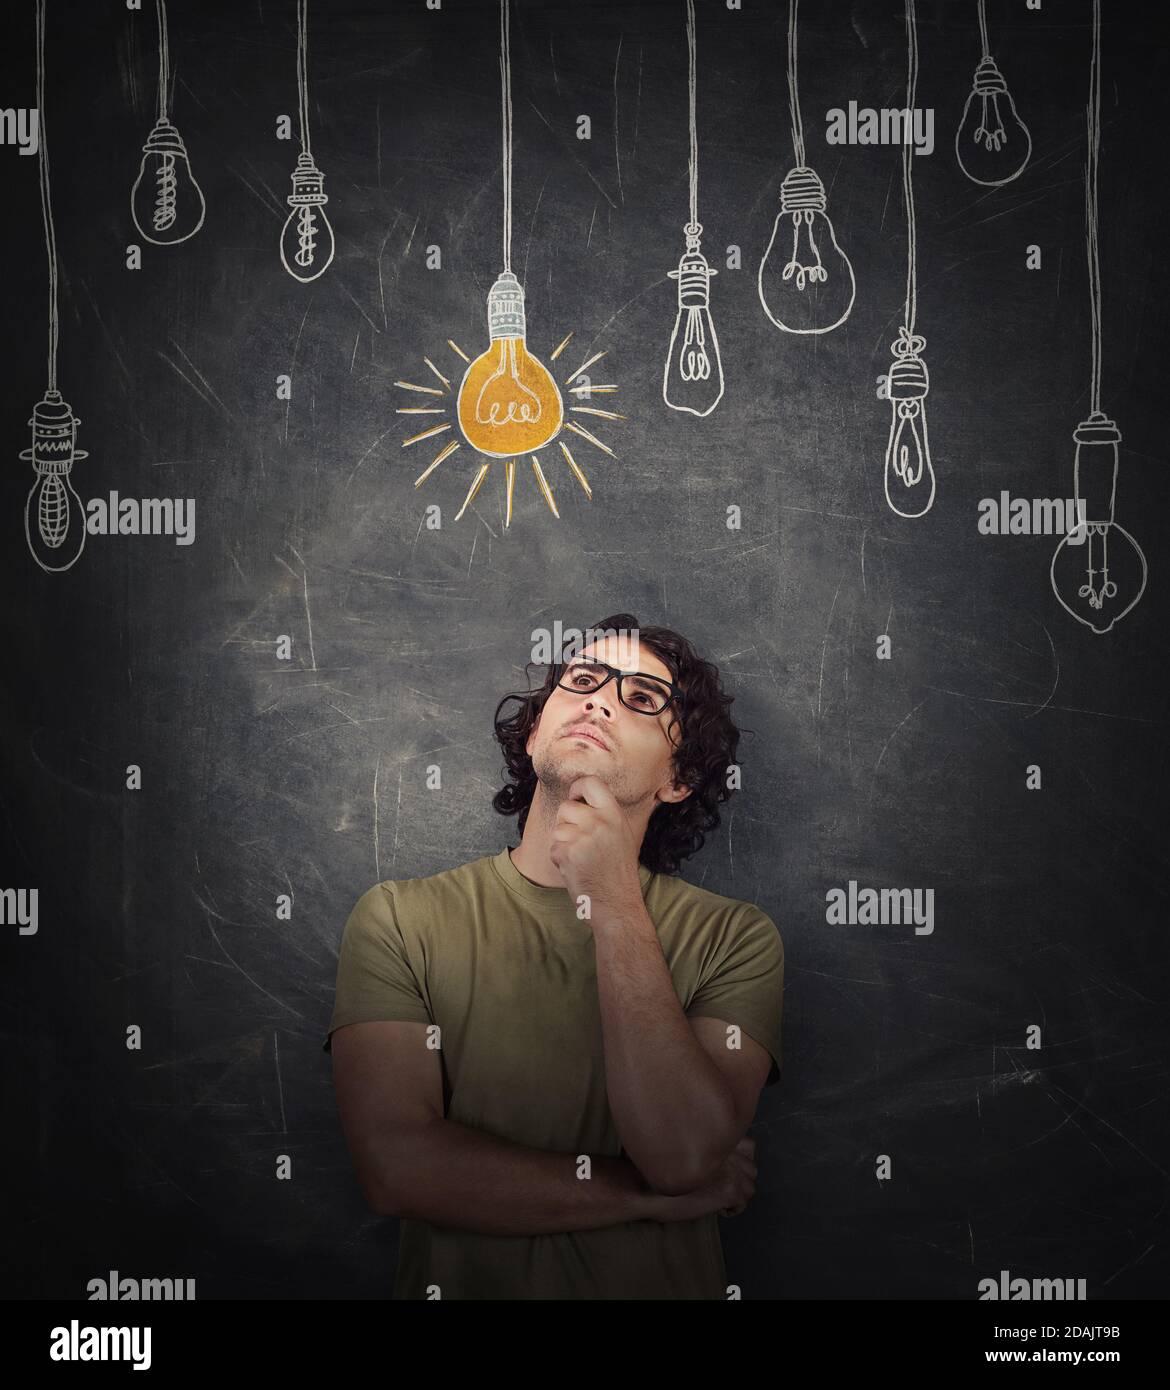 Le jeune homme pensif garde la main sous le menton, geste réfléchi, regardant focalisé, pensant aux idées géniales, en choisissant une ampoule incandescente Banque D'Images